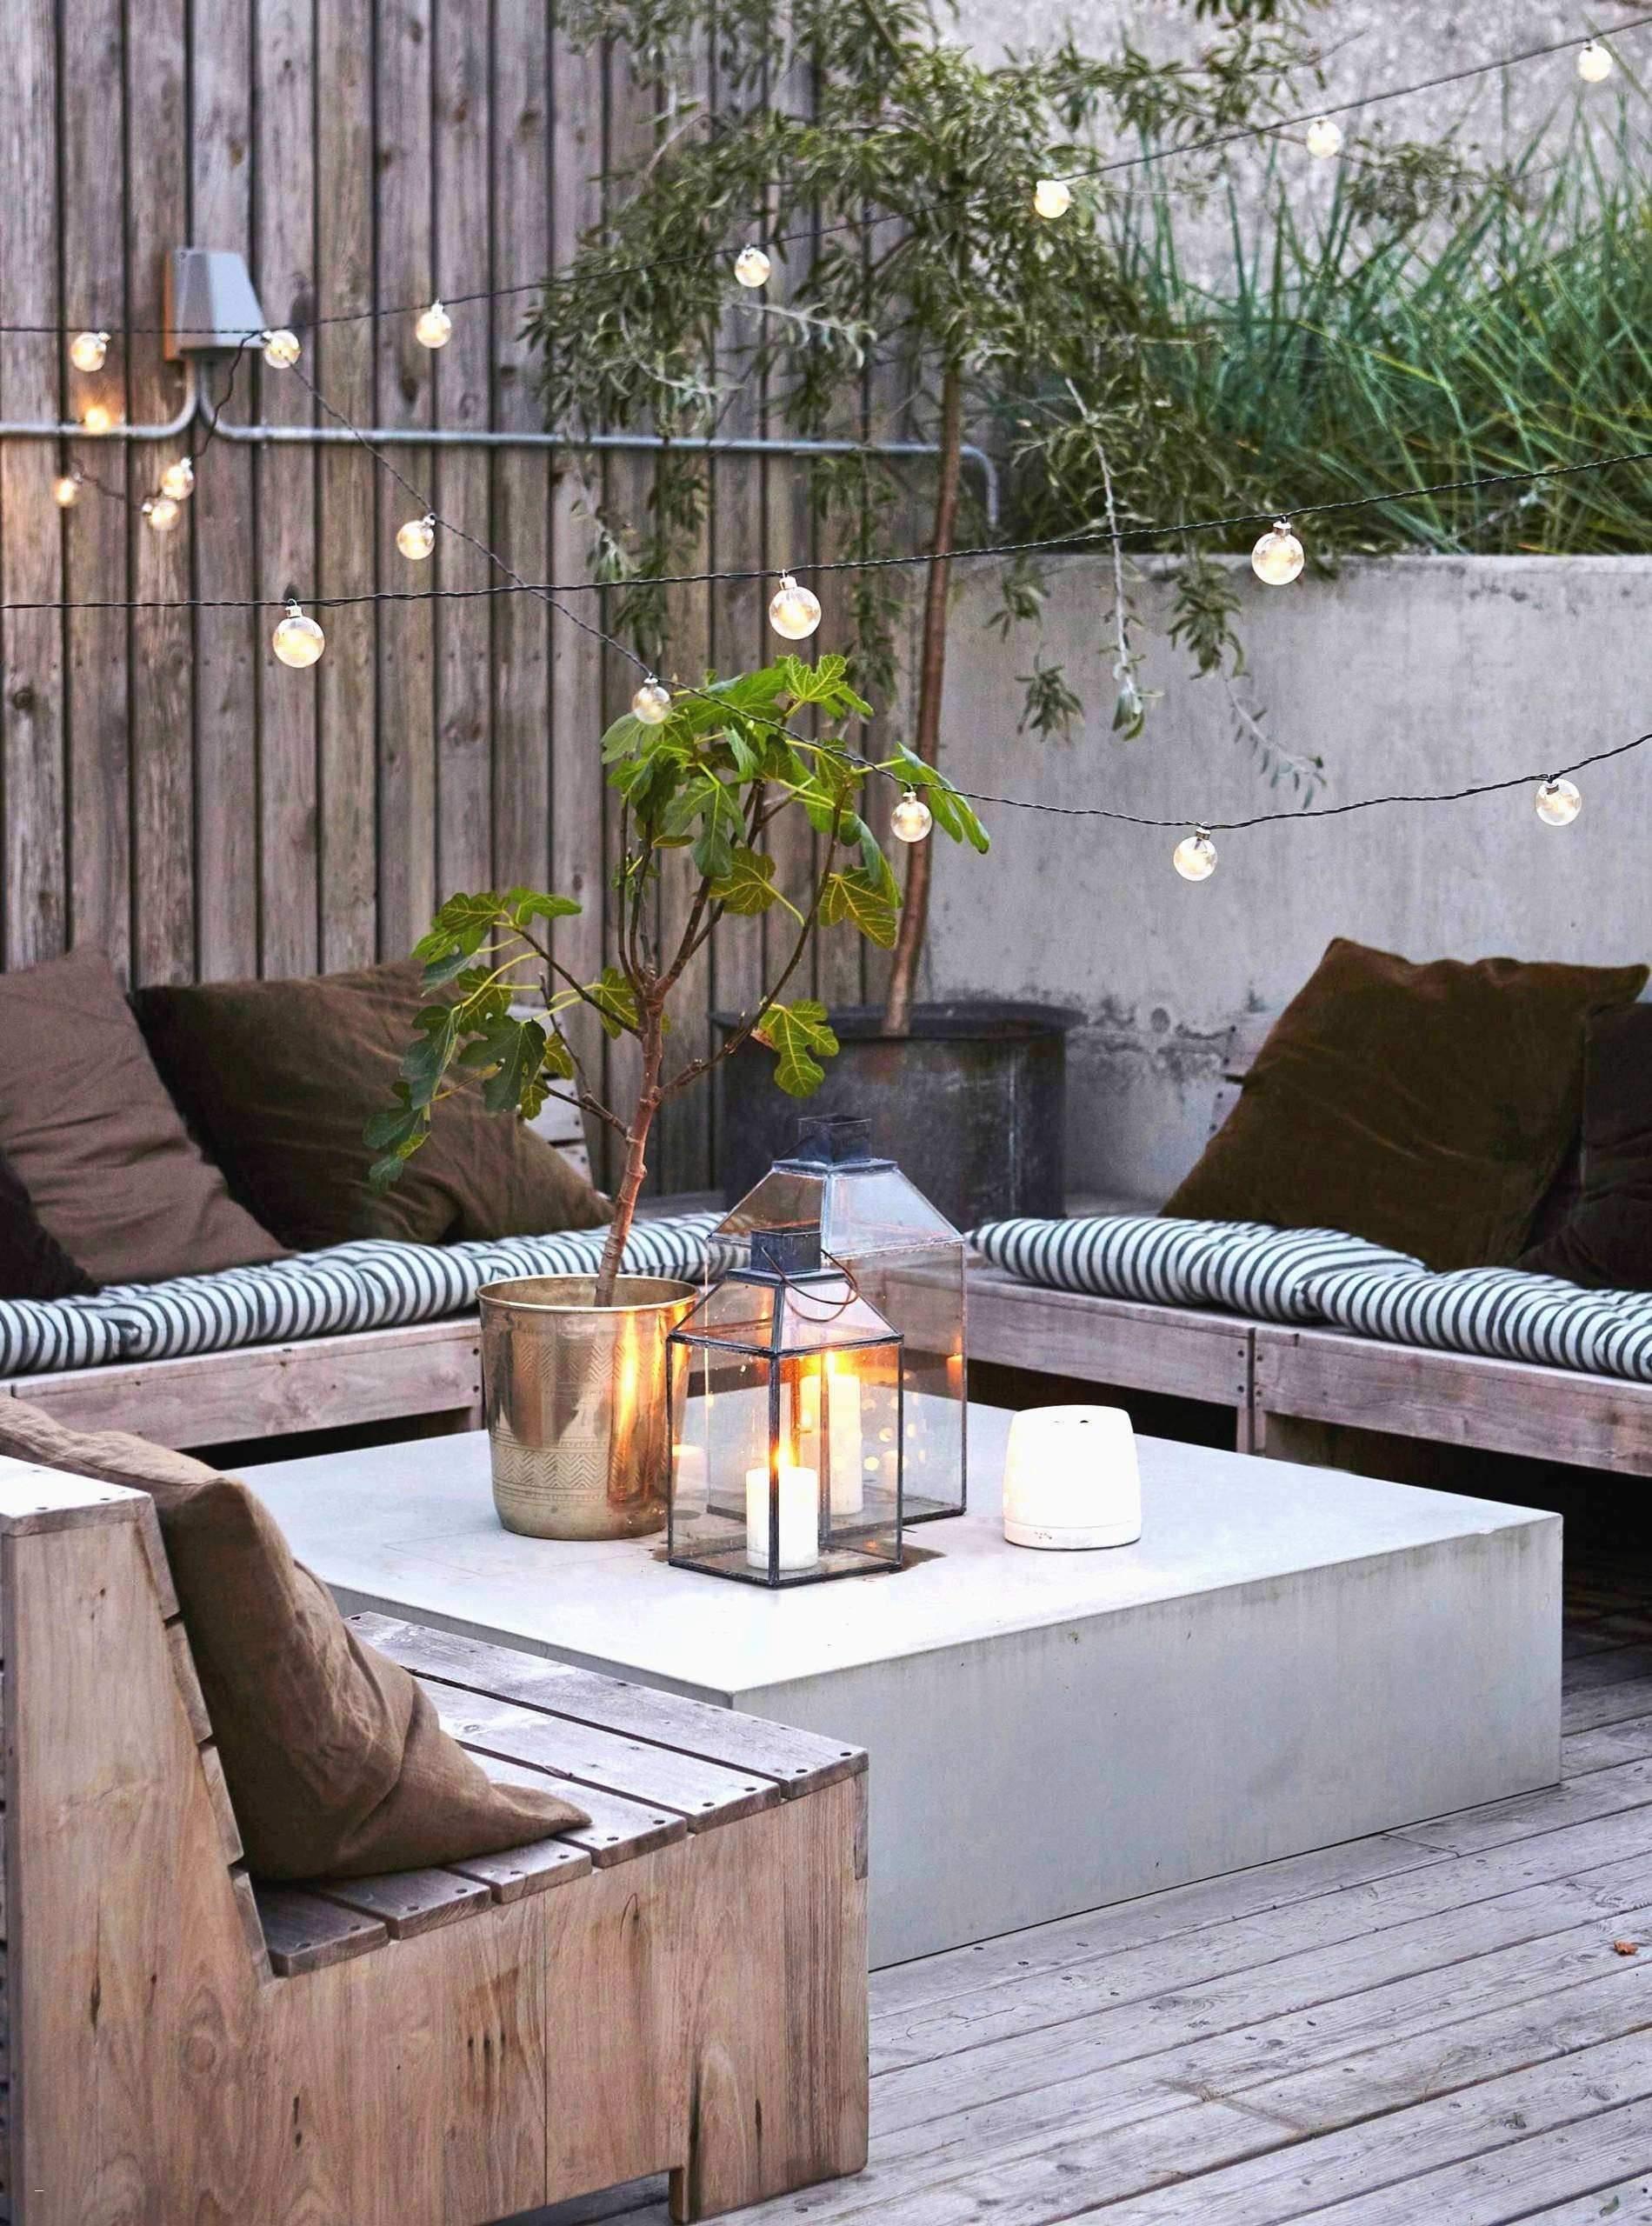 Deko Ideen Für Garten Best Of 26 Neu Wohnzimmer Ideen Für Kleine Räume Frisch